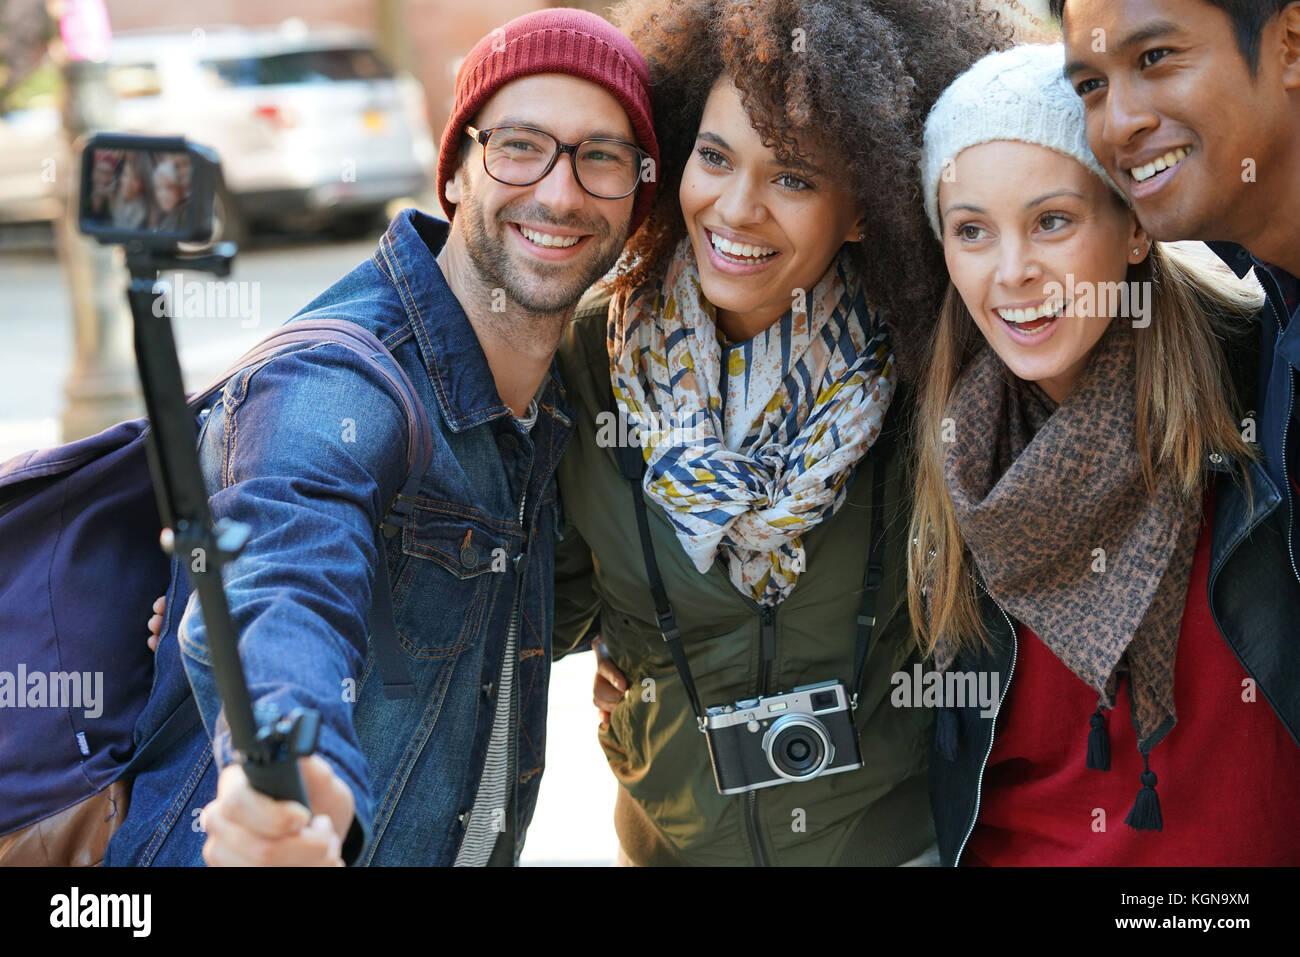 Grupo de Amigos de vacaciones teniendo selfie imagen con la cámara Imagen De Stock